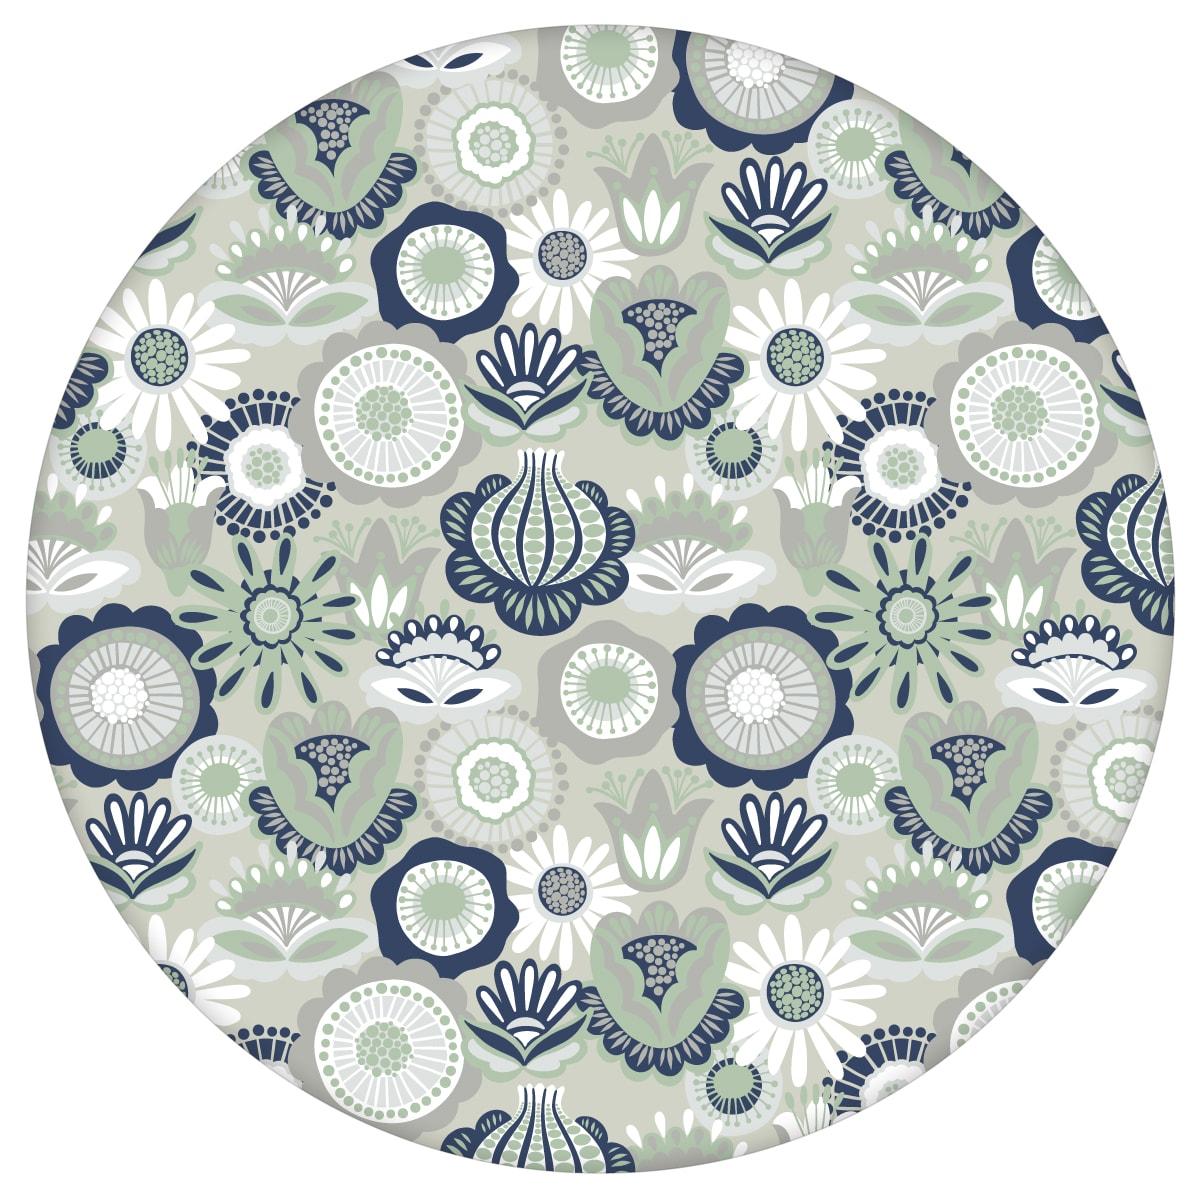 """Graue, florale Tapete """"Bauerngarten"""" Blüten im Folklore Stil, Blumentapete für Wohnzimmeraus dem GMM-BERLIN.com Sortiment: grau Tapete zur Raumgestaltung: #00130 #Bauerngarten #blueten #blumen #Blumentapete #Folklore #garten #grau #Graue Tapeten #Wohnzimmer für individuelles Interiordesign"""